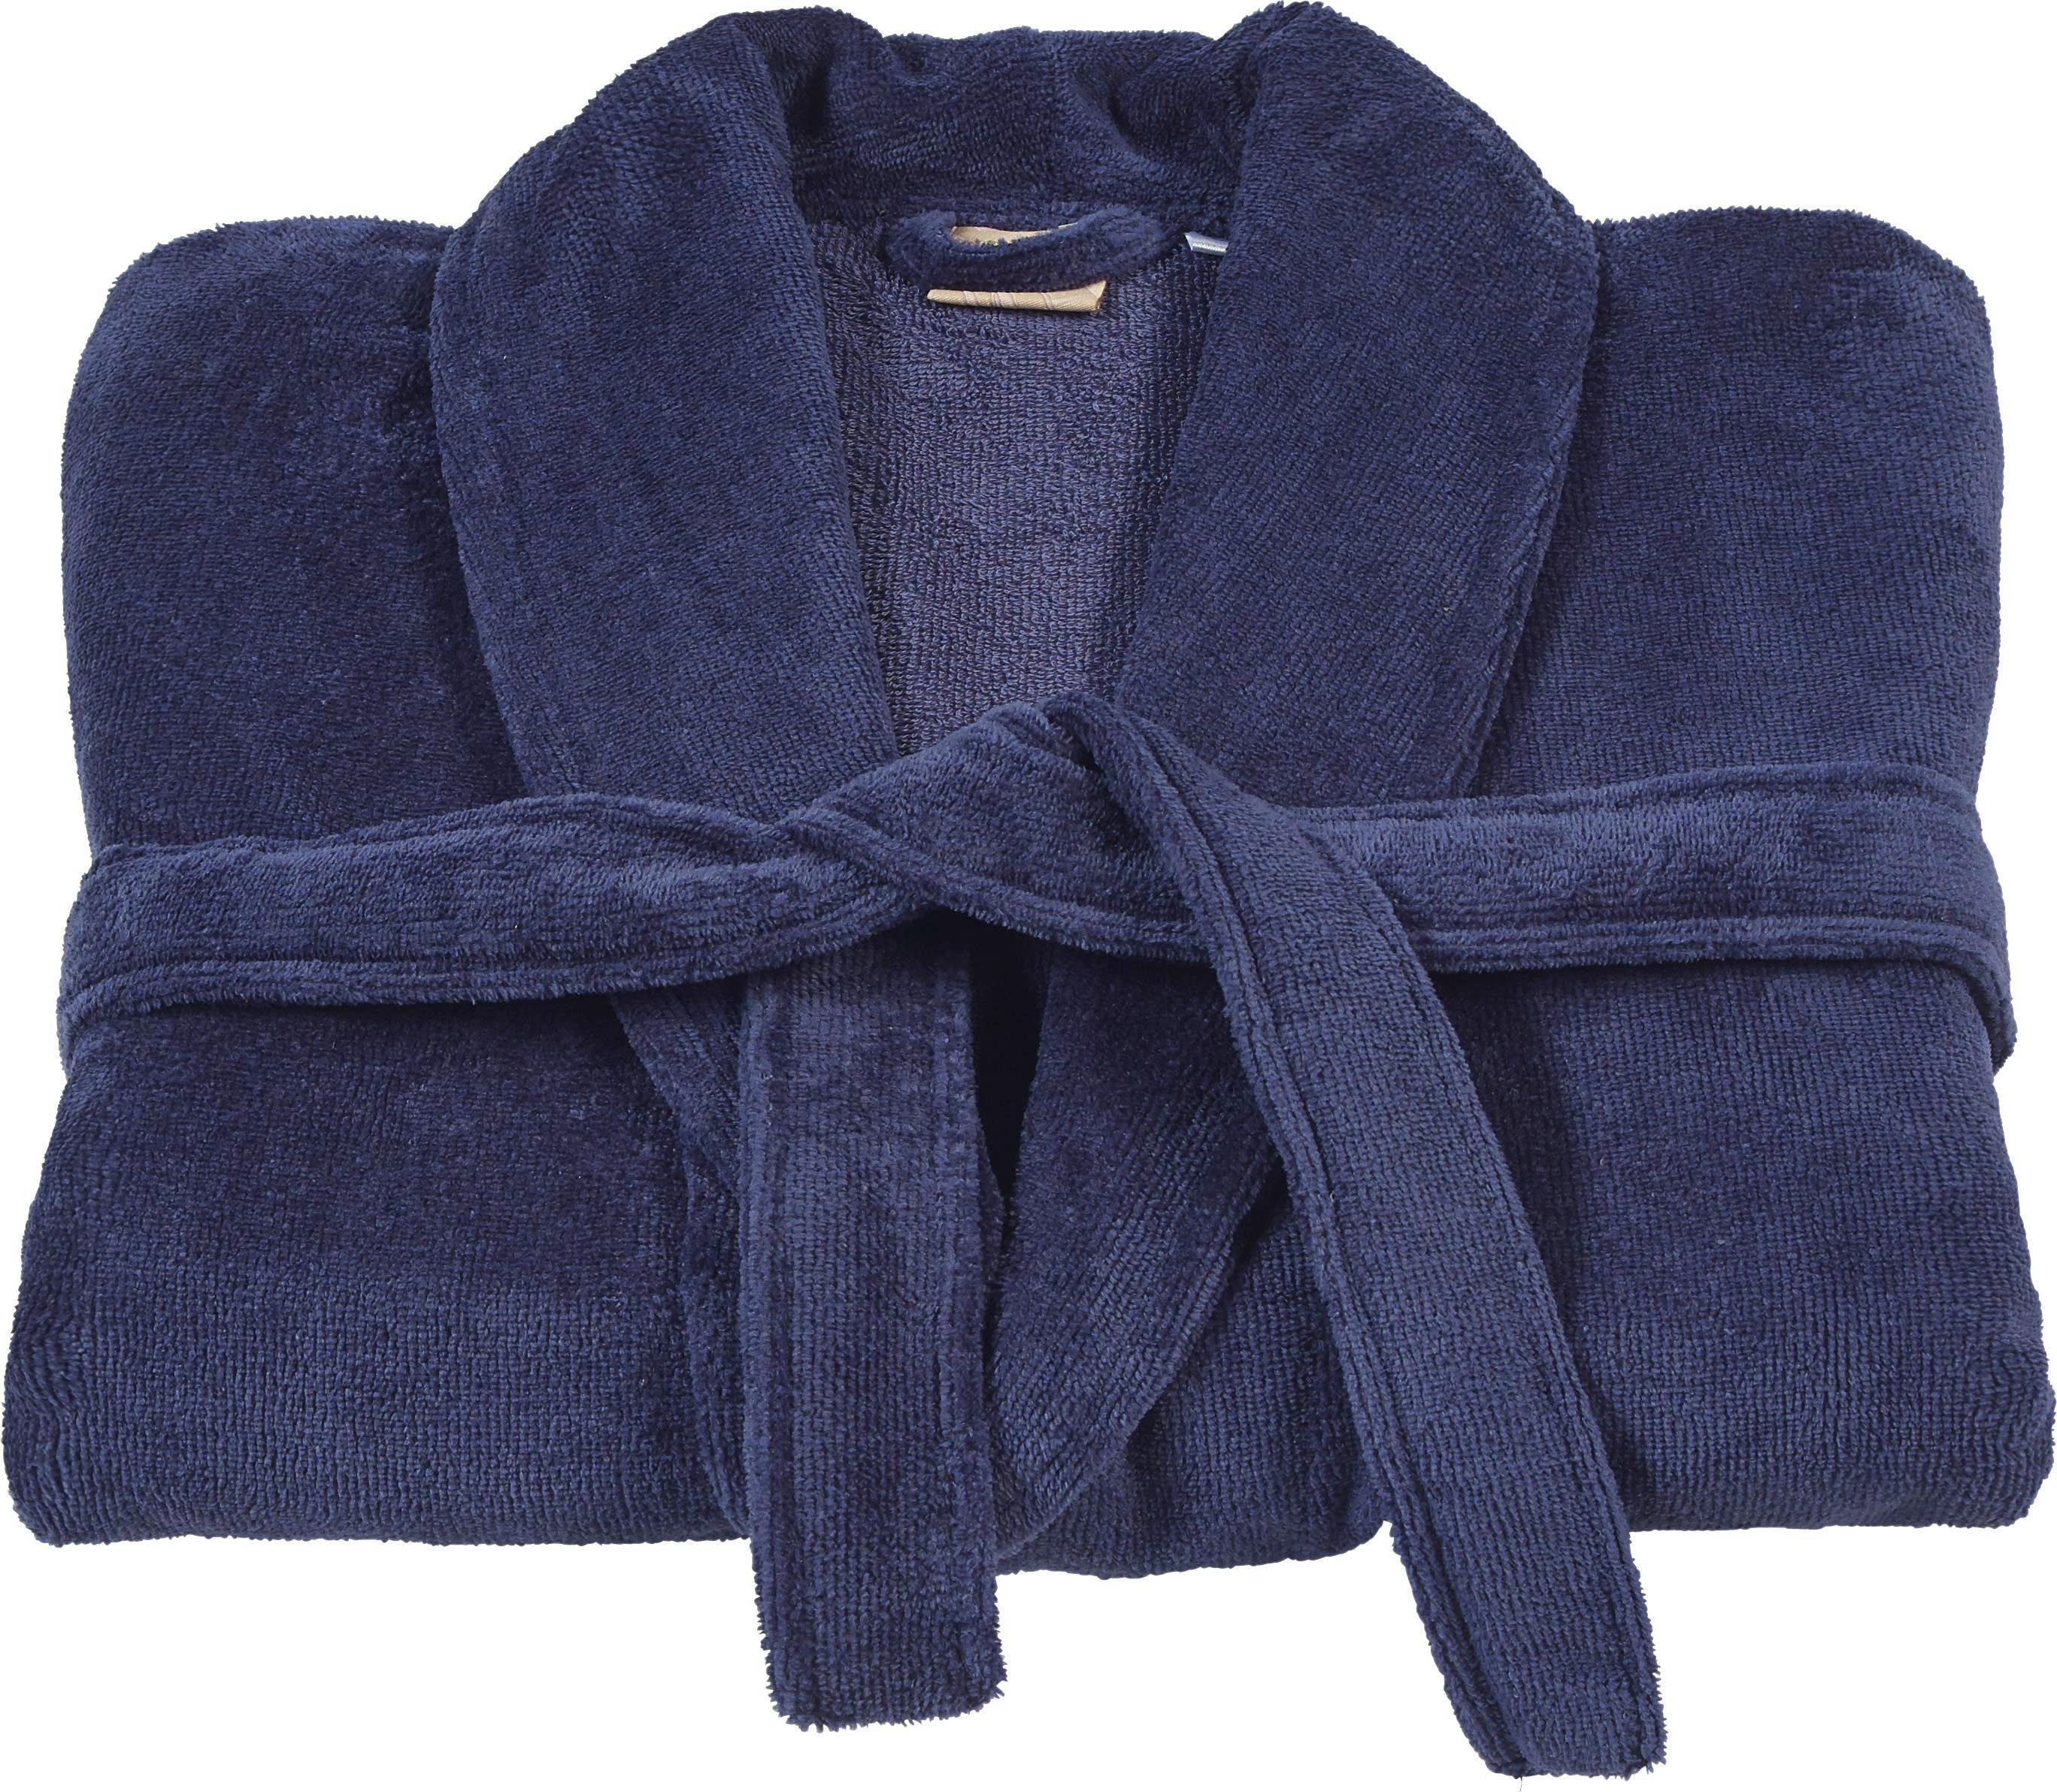 Fürdőköntös Marcus - kék, textil (S,M,L,XL) - premium living